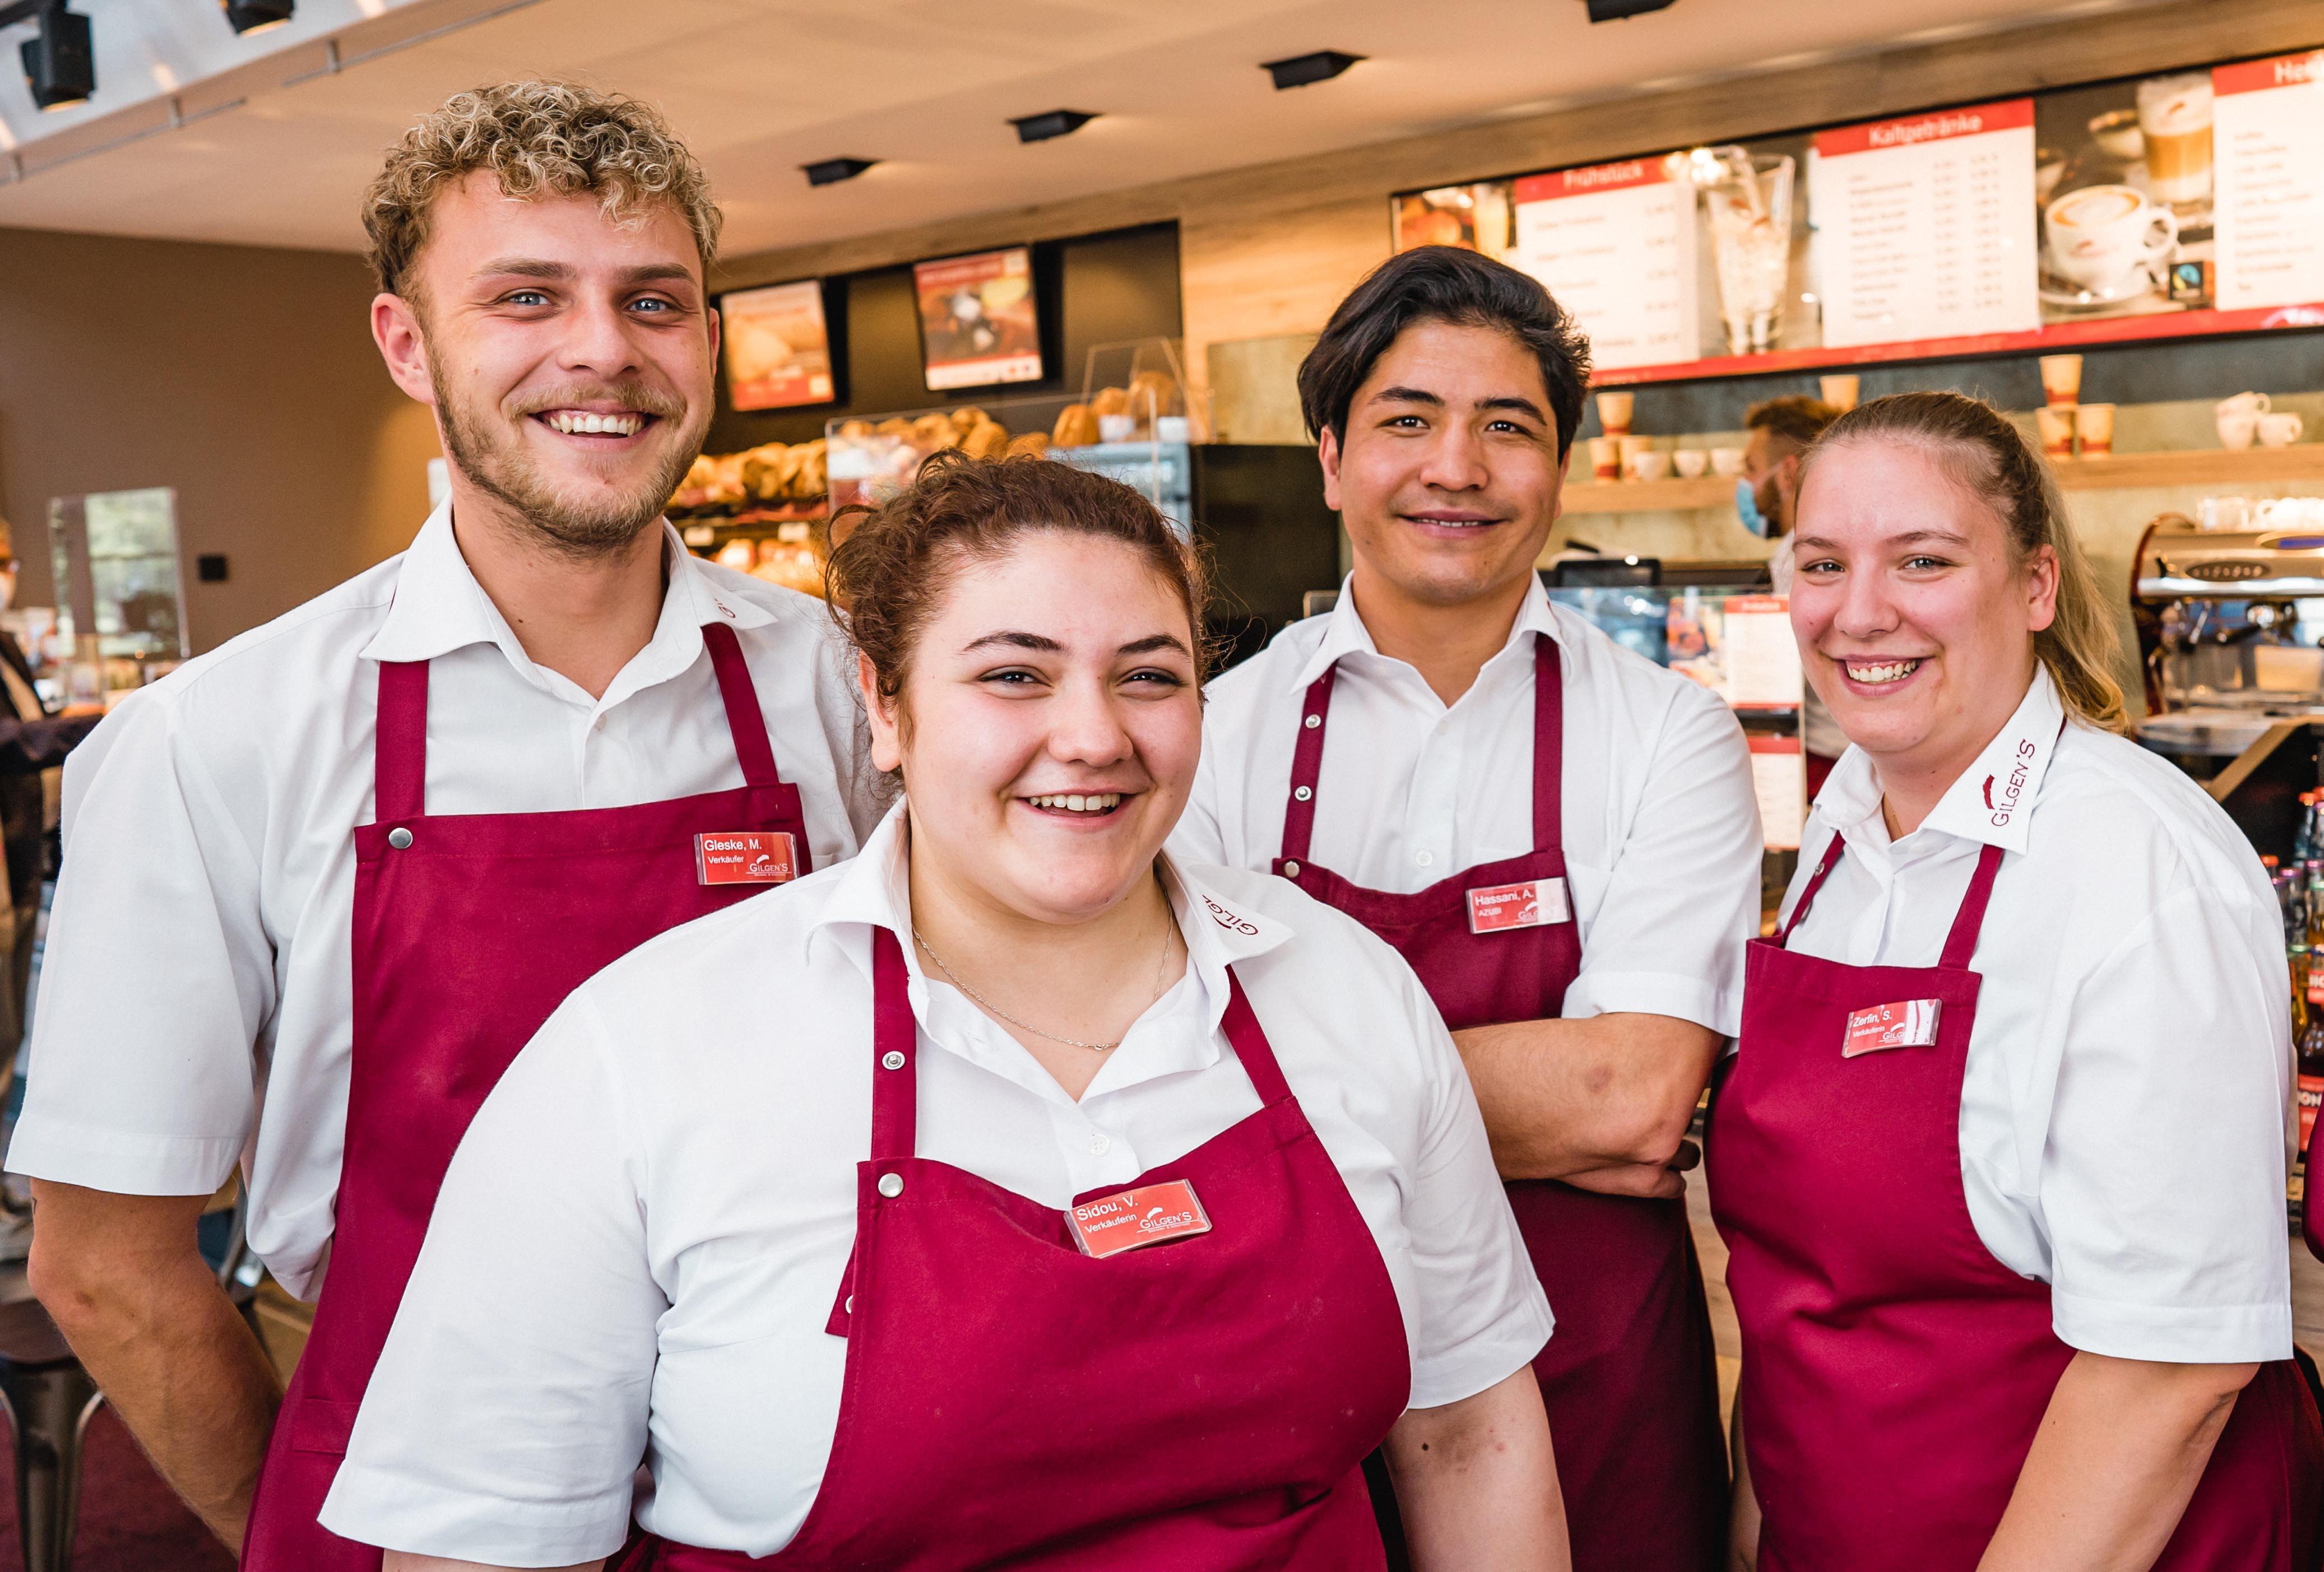 Ausbildung zum Fachverkäufer im Lebensmittelhandwerk / Bäckerei (m/w/d)